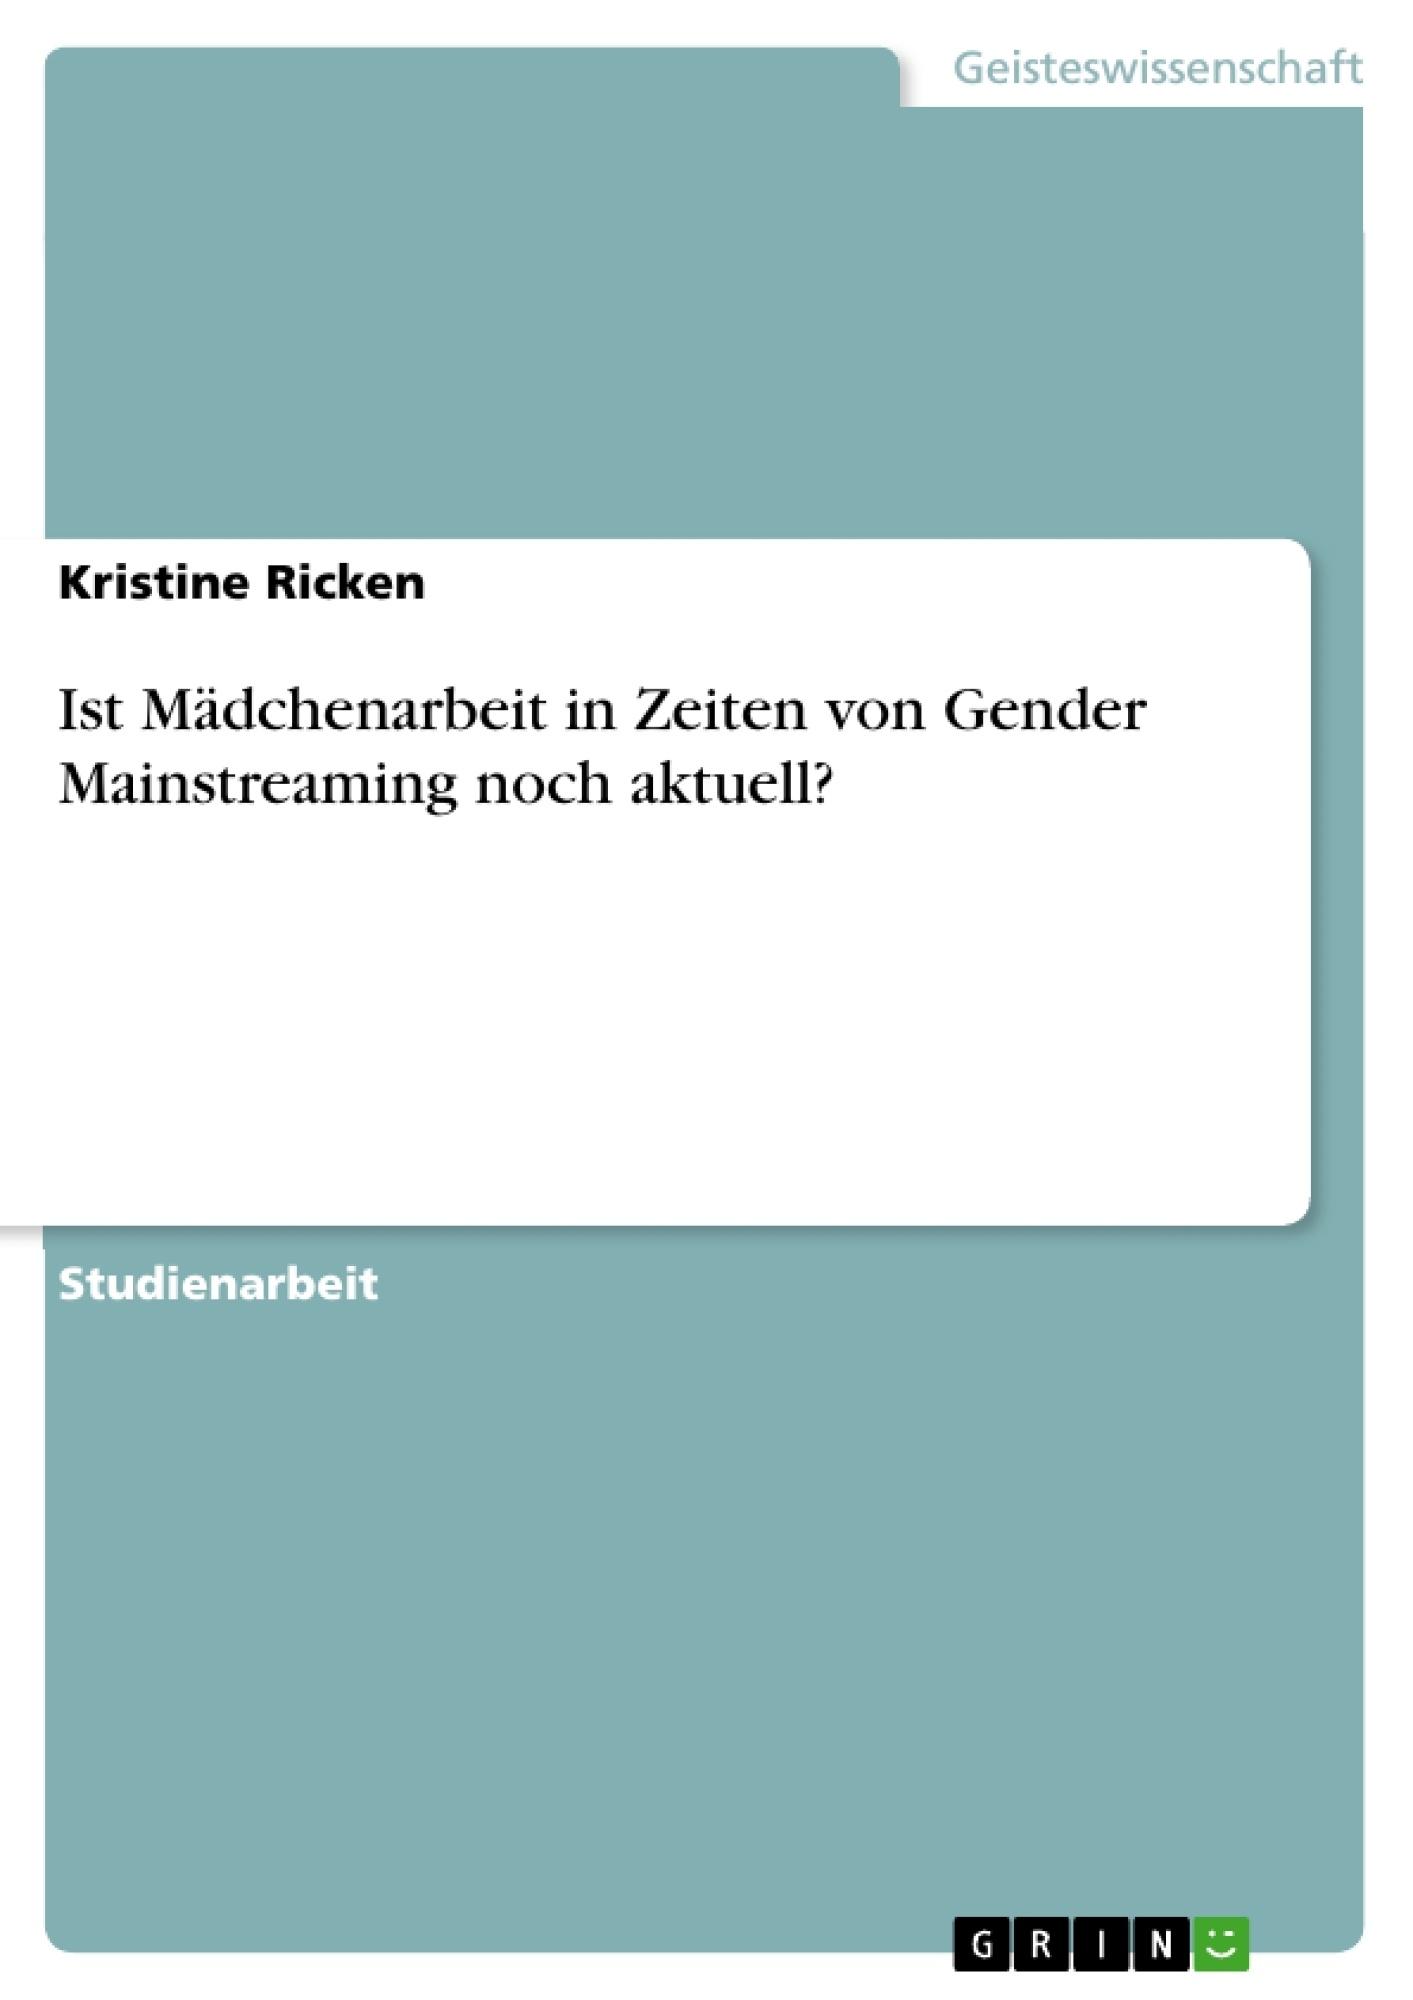 Titel: Ist Mädchenarbeit in Zeiten von Gender Mainstreaming noch aktuell?